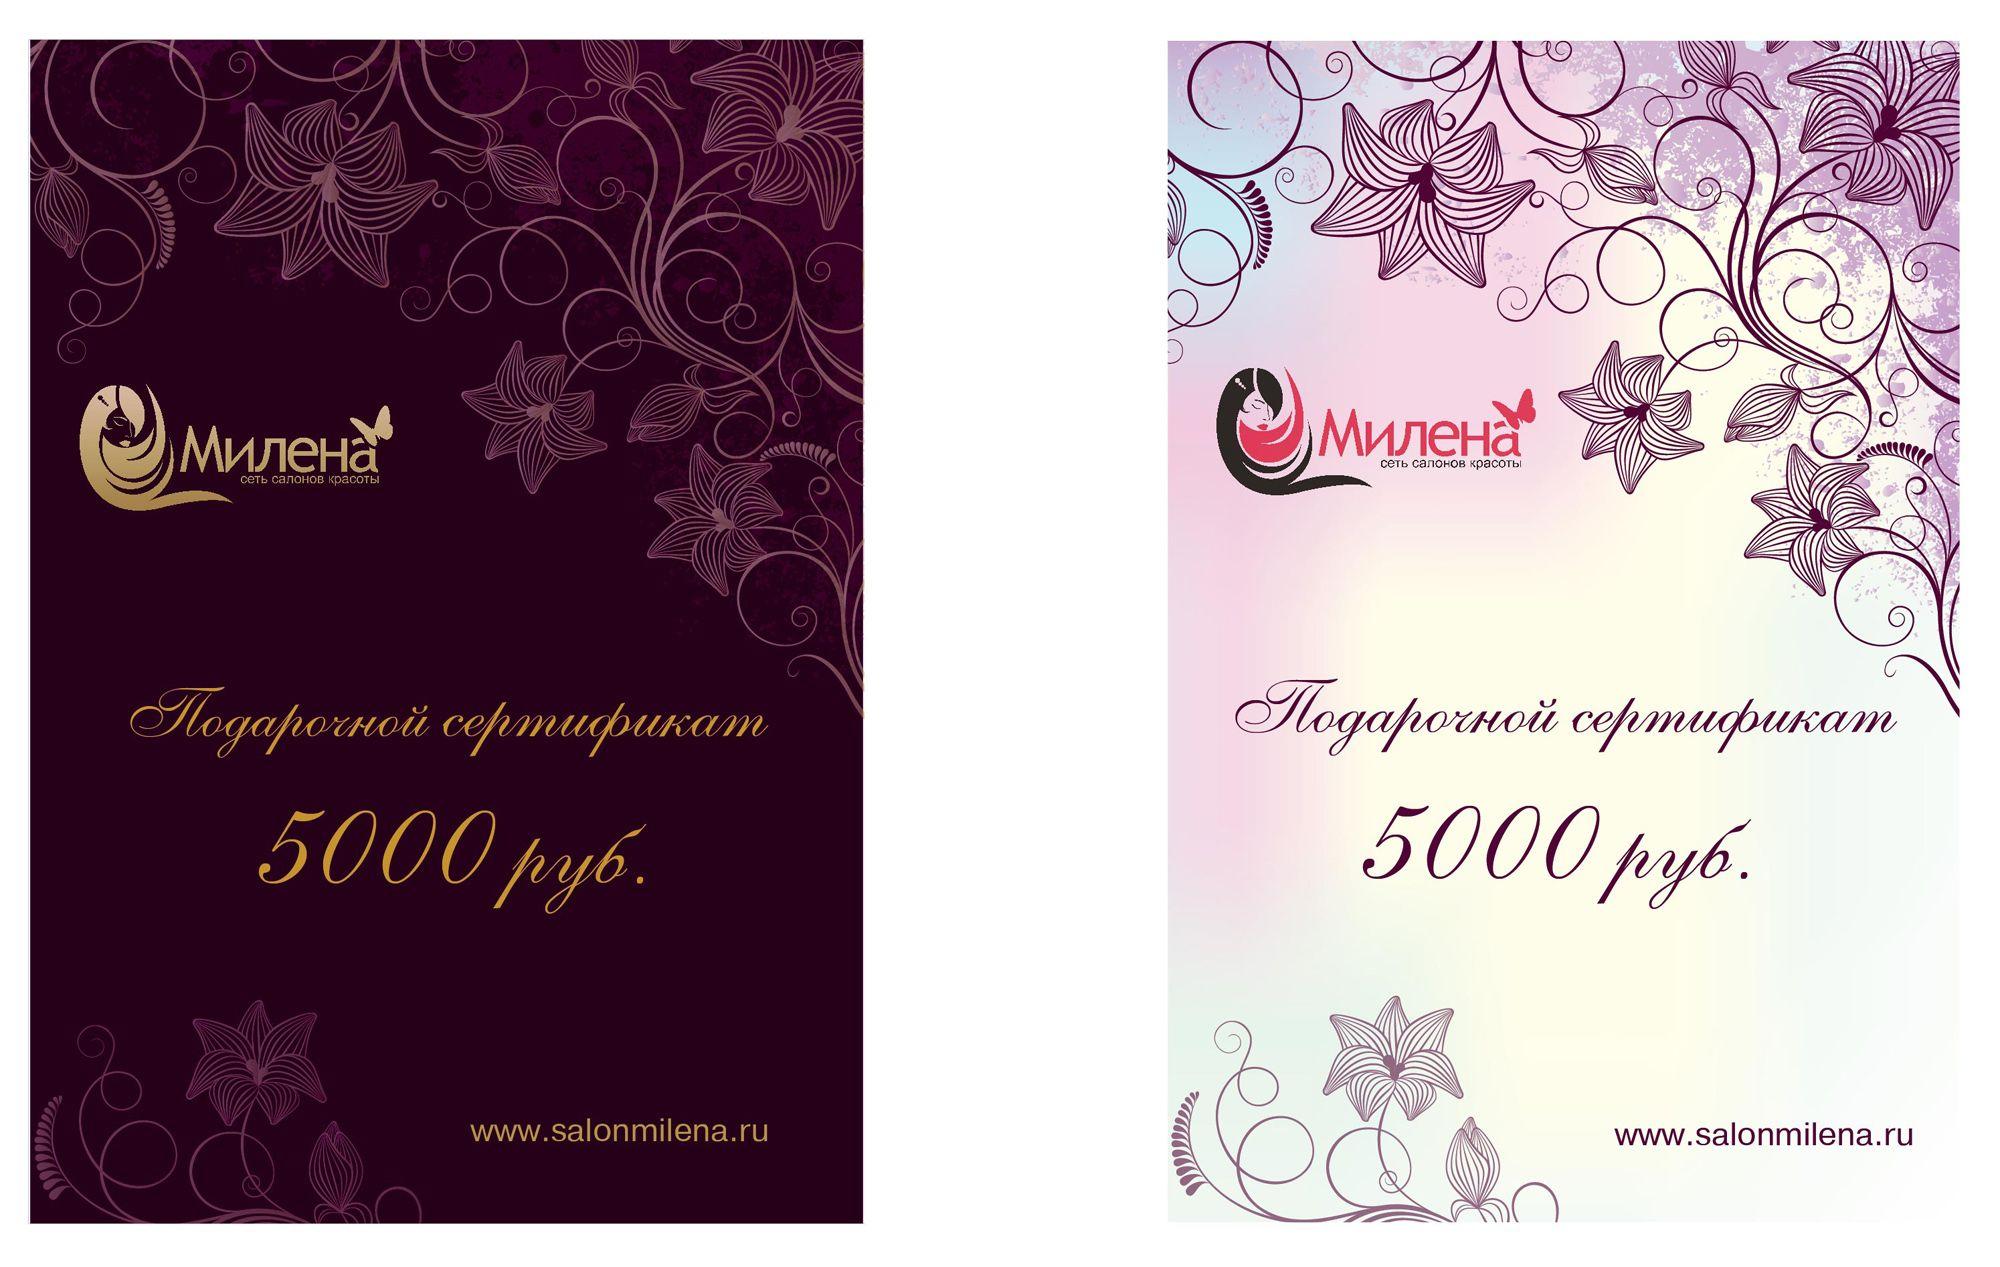 Подарочный сертификат для салона красоты - дизайнер megaron_1